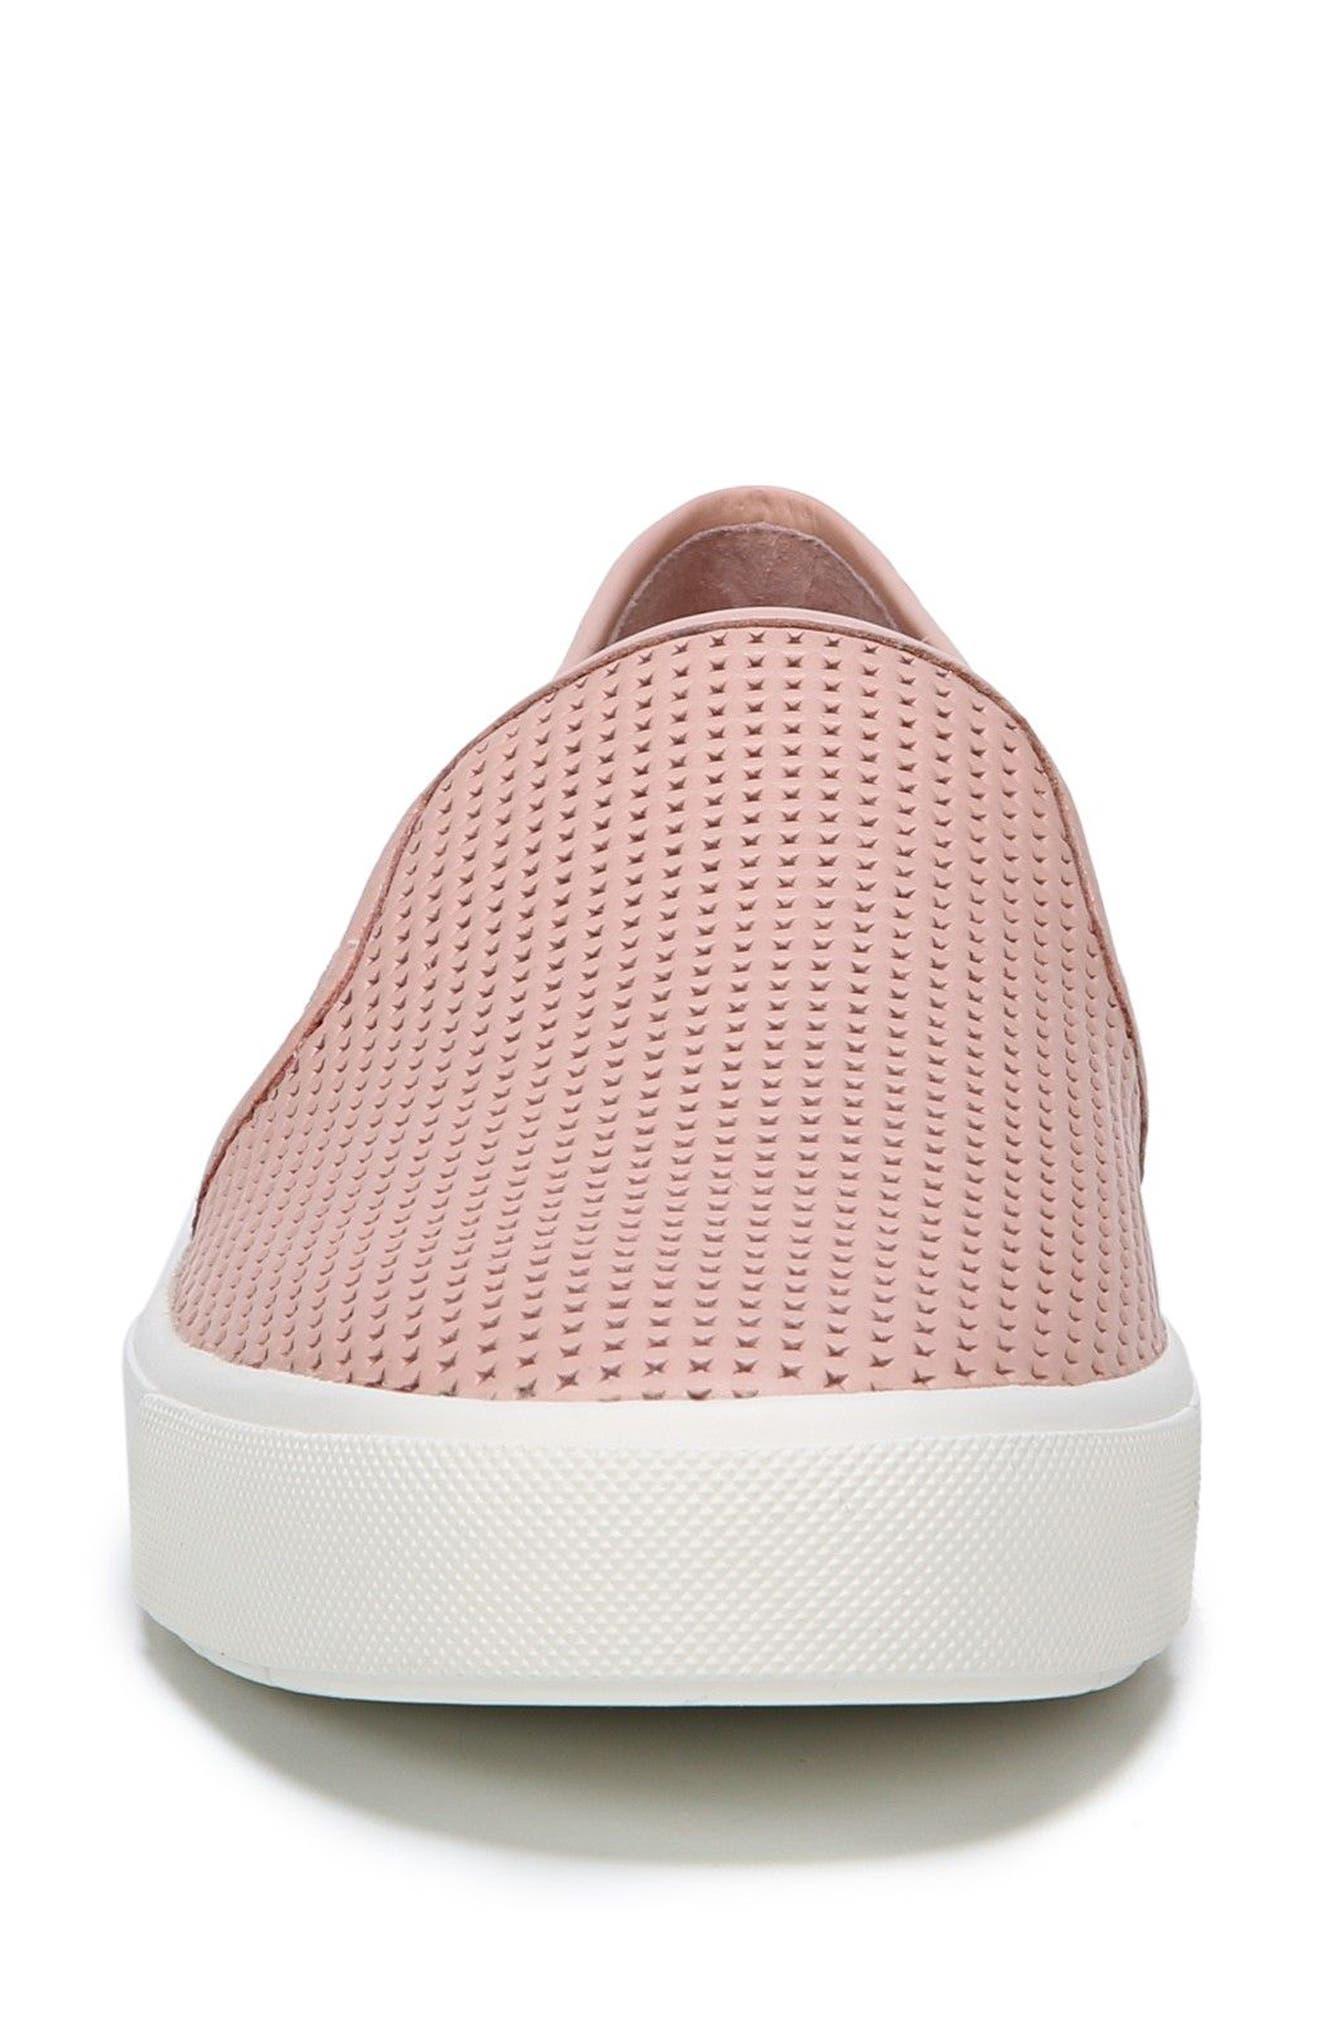 Blair 5 Slip-On Sneaker,                             Alternate thumbnail 4, color,                             ROSE